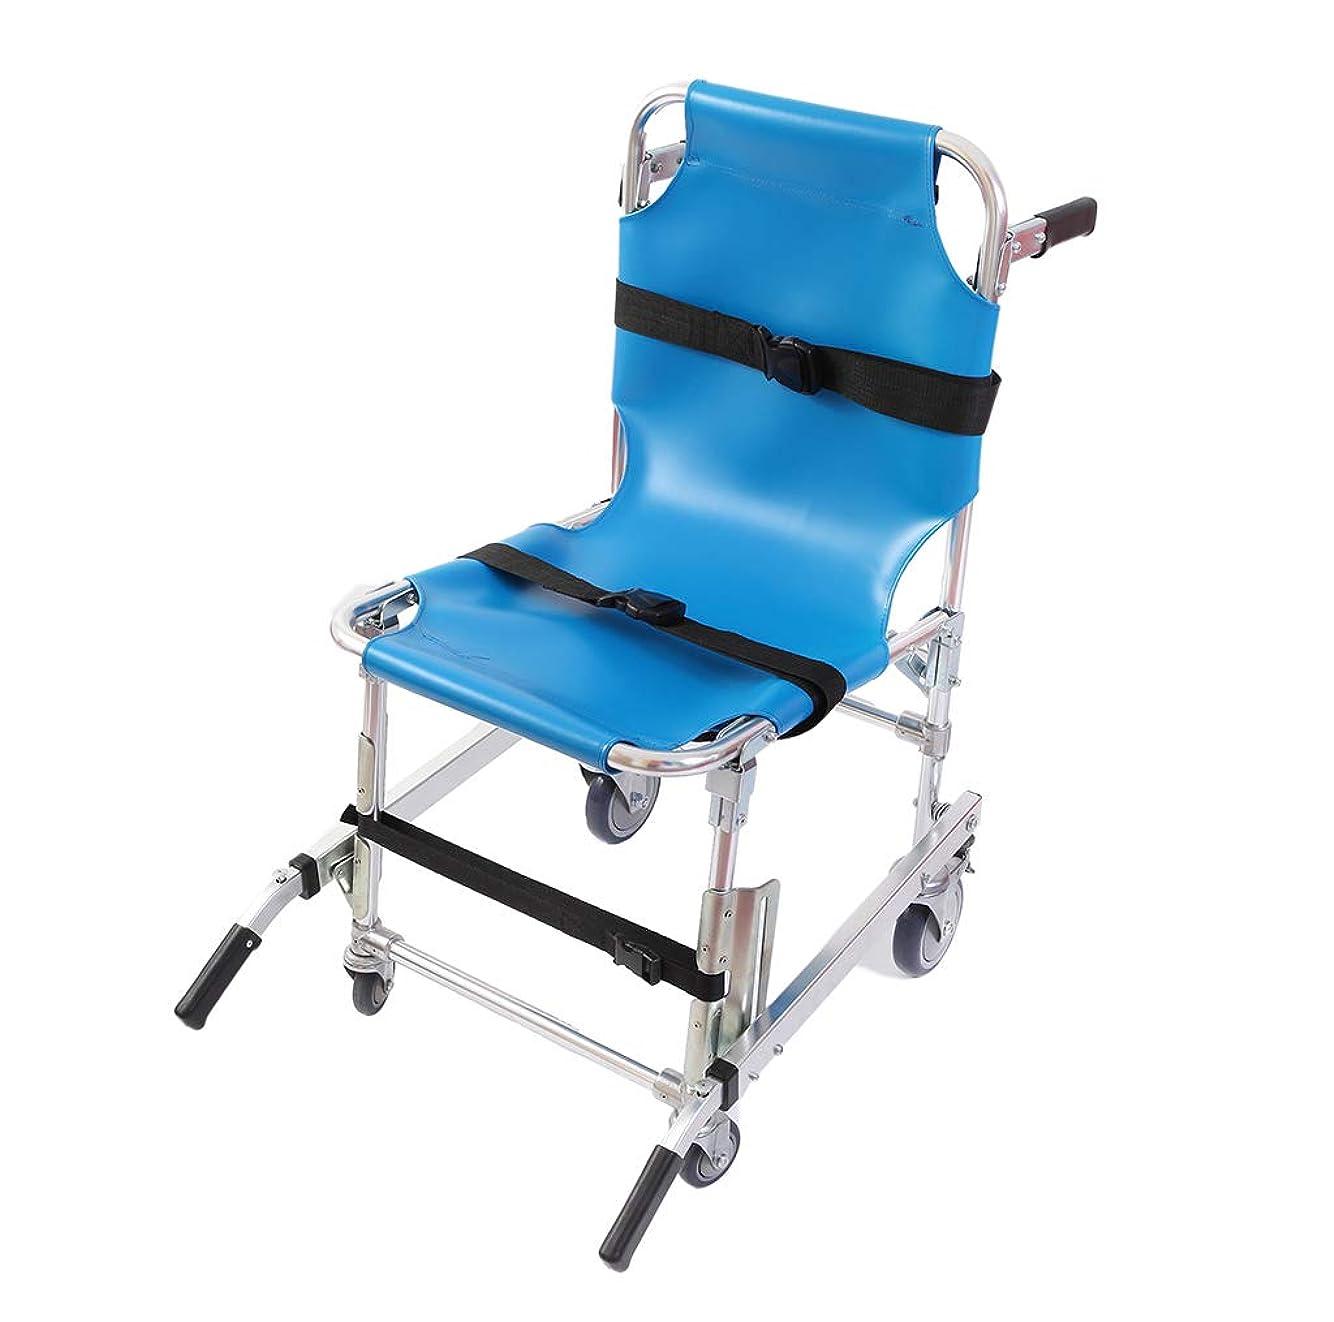 拡散する株式役に立たない4つの車輪が付いている階段椅子、クイックリリースのバックルが付いている上昇が付いているアルミニウム軽量2の車輪の医学の輸送の椅子